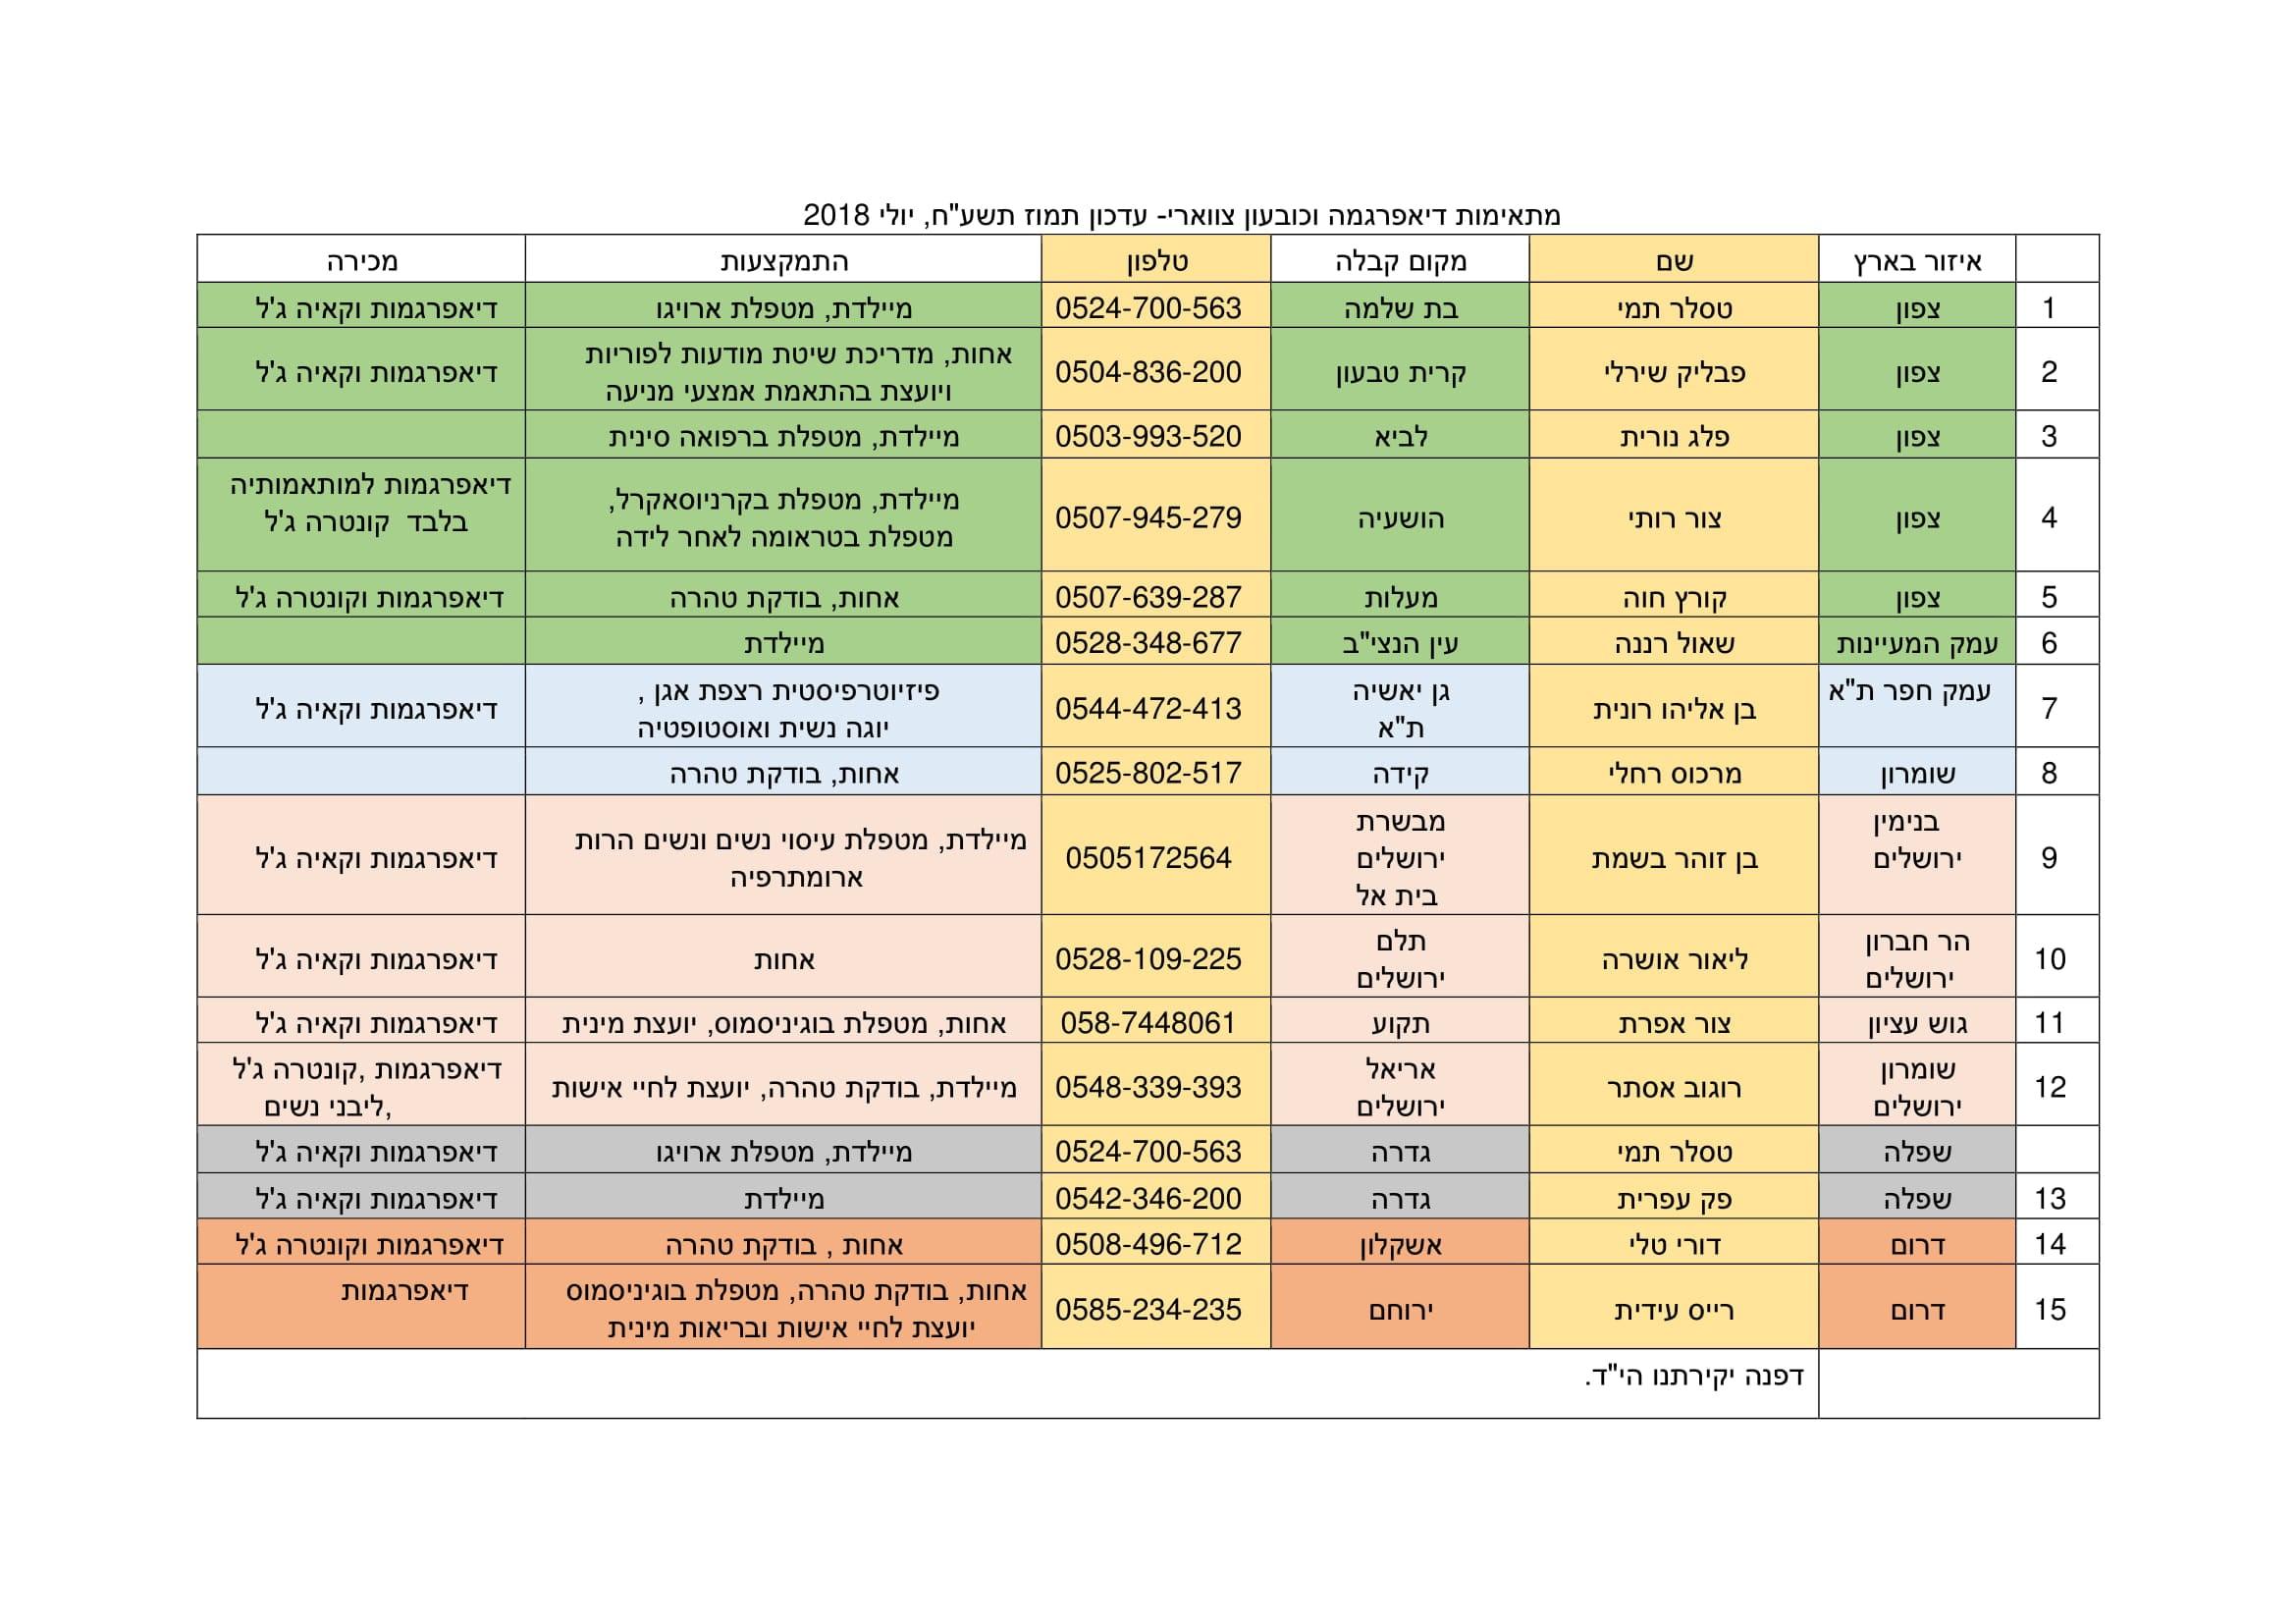 רשימת מתאימות דיאפרגמה בישראל